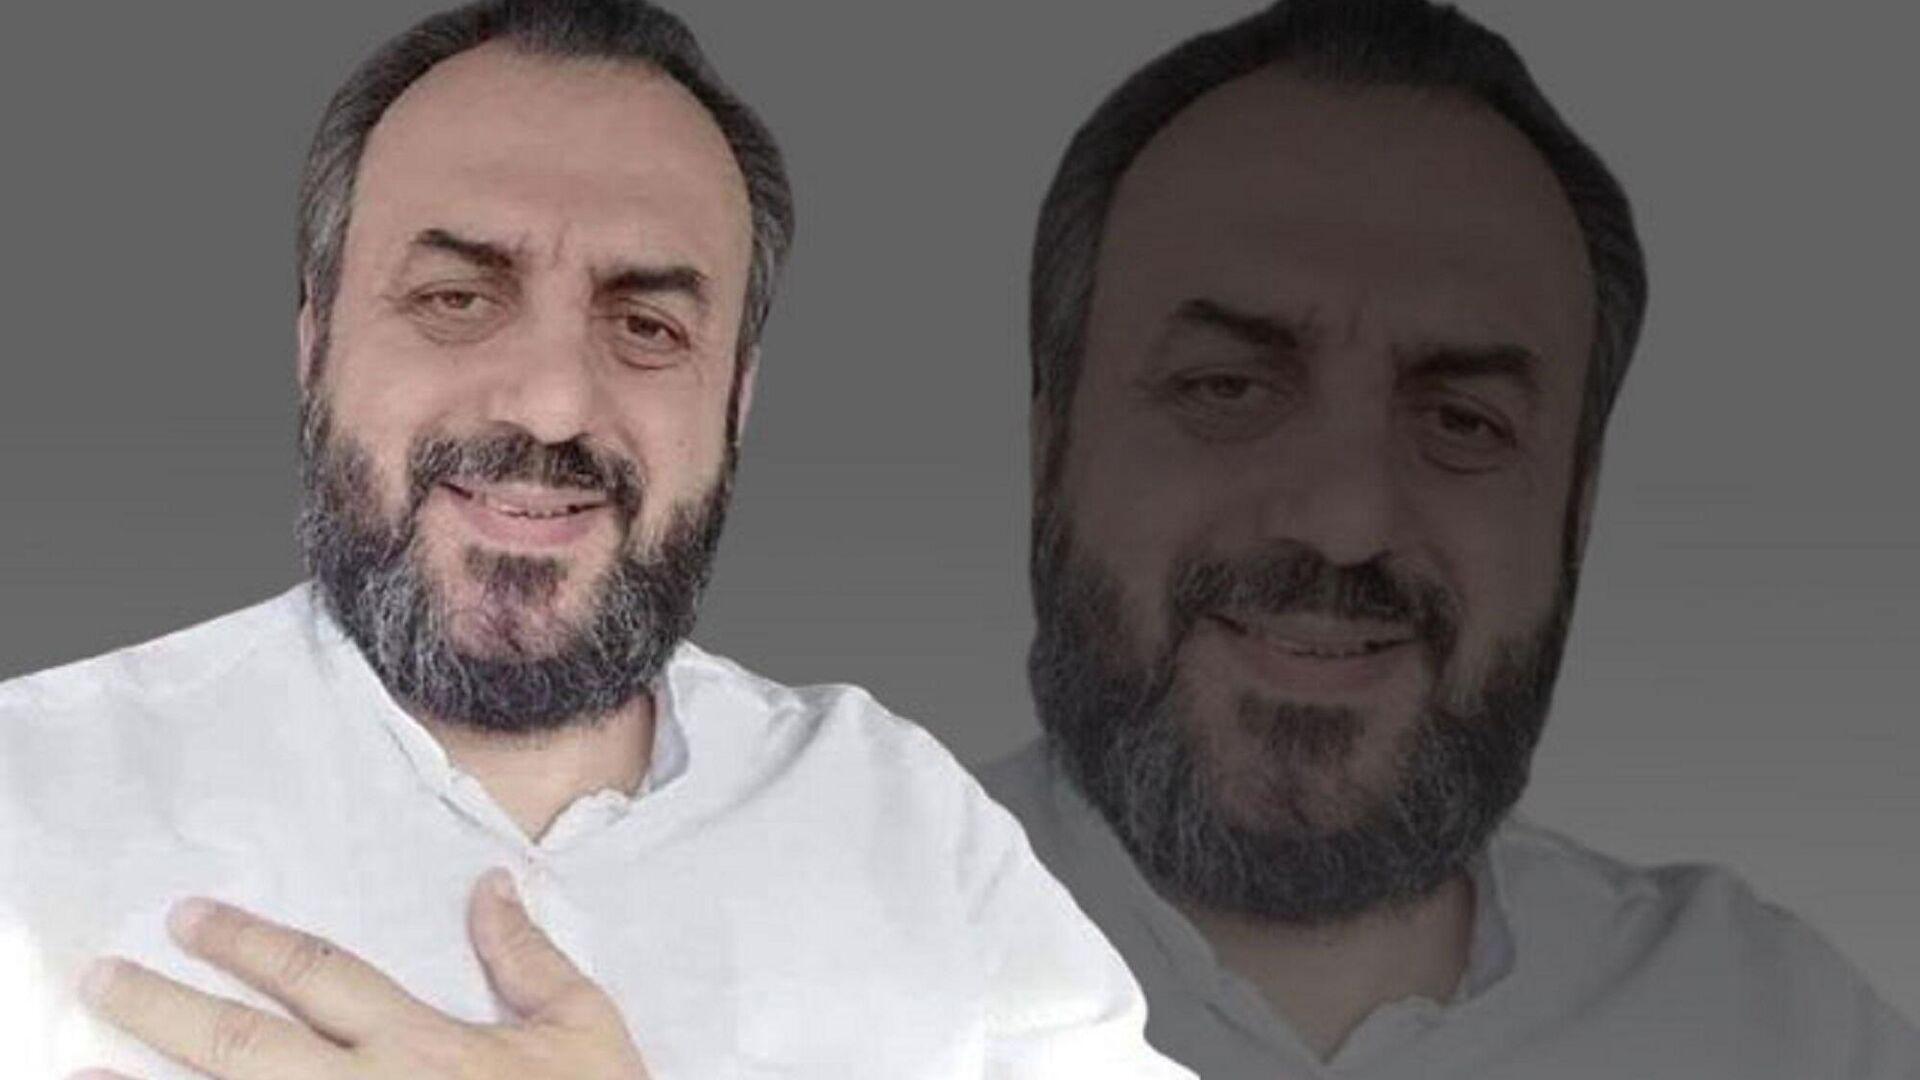 koronavirüs aşısı yaptırmayan 50 yaşındaki Hasan Feyzi Katıöz,  - Sputnik Türkiye, 1920, 14.09.2021